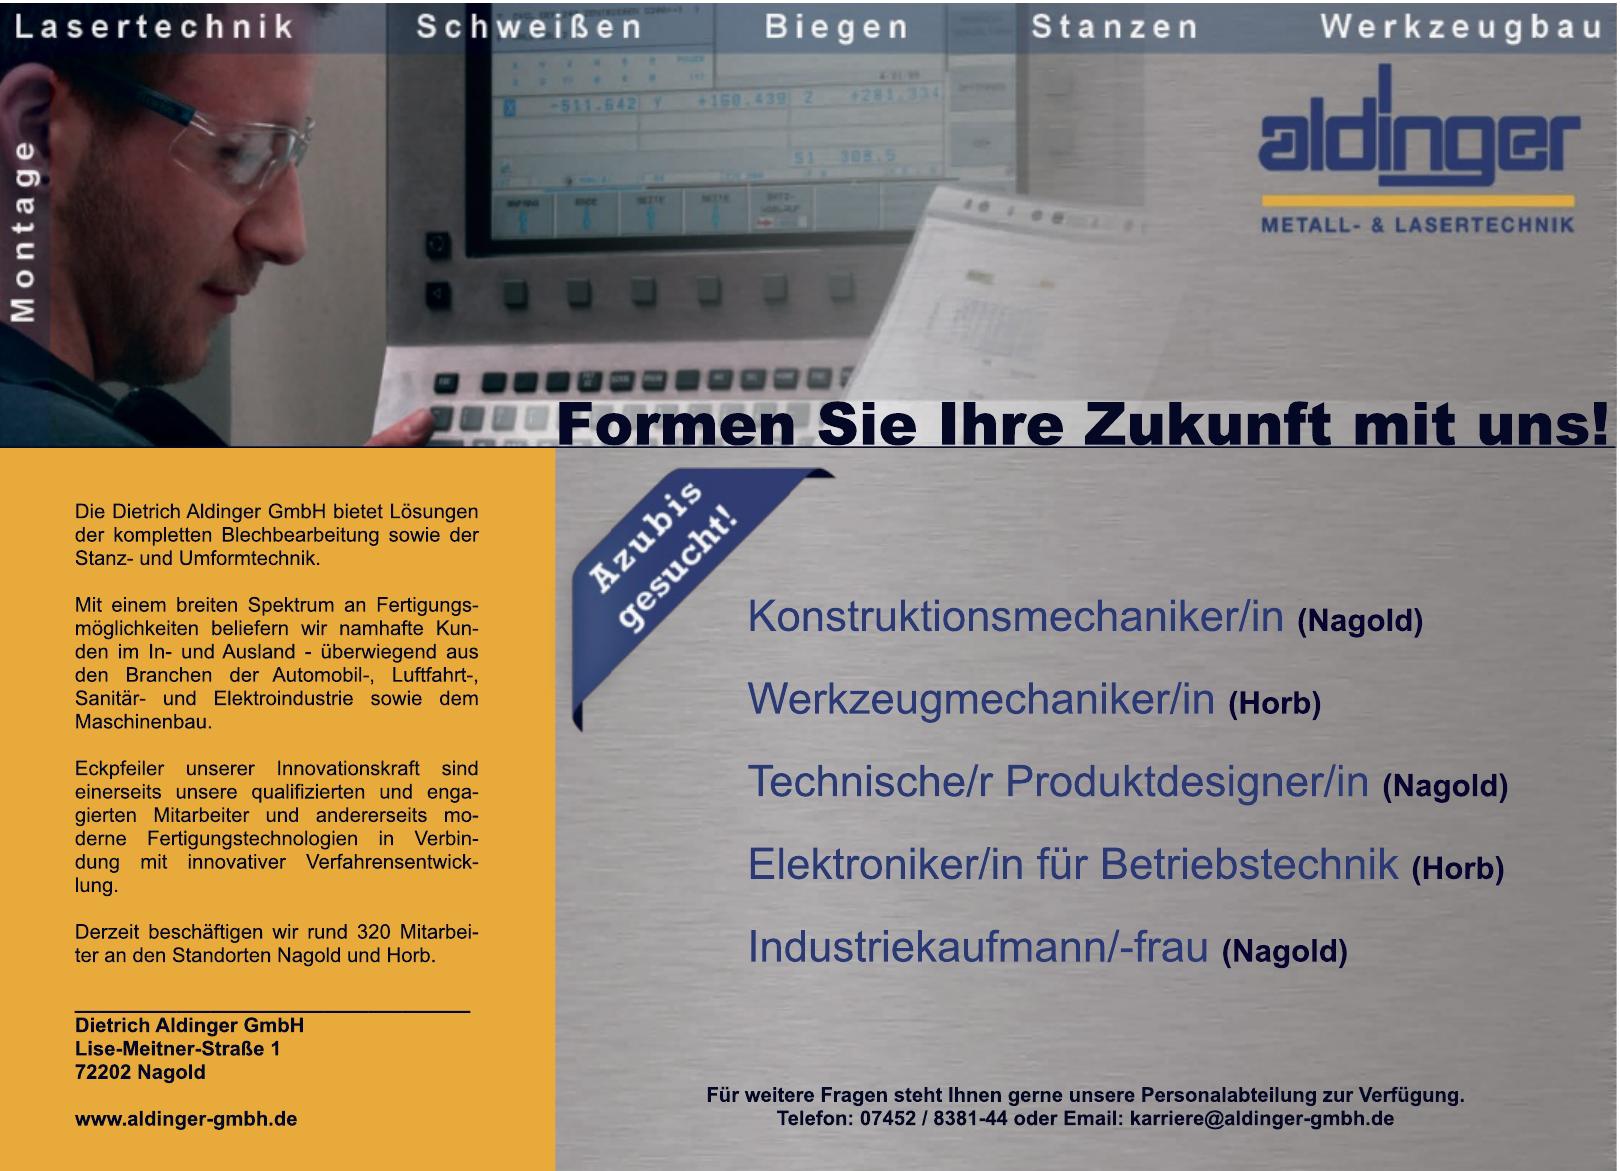 Dieter Aldinger GmbH